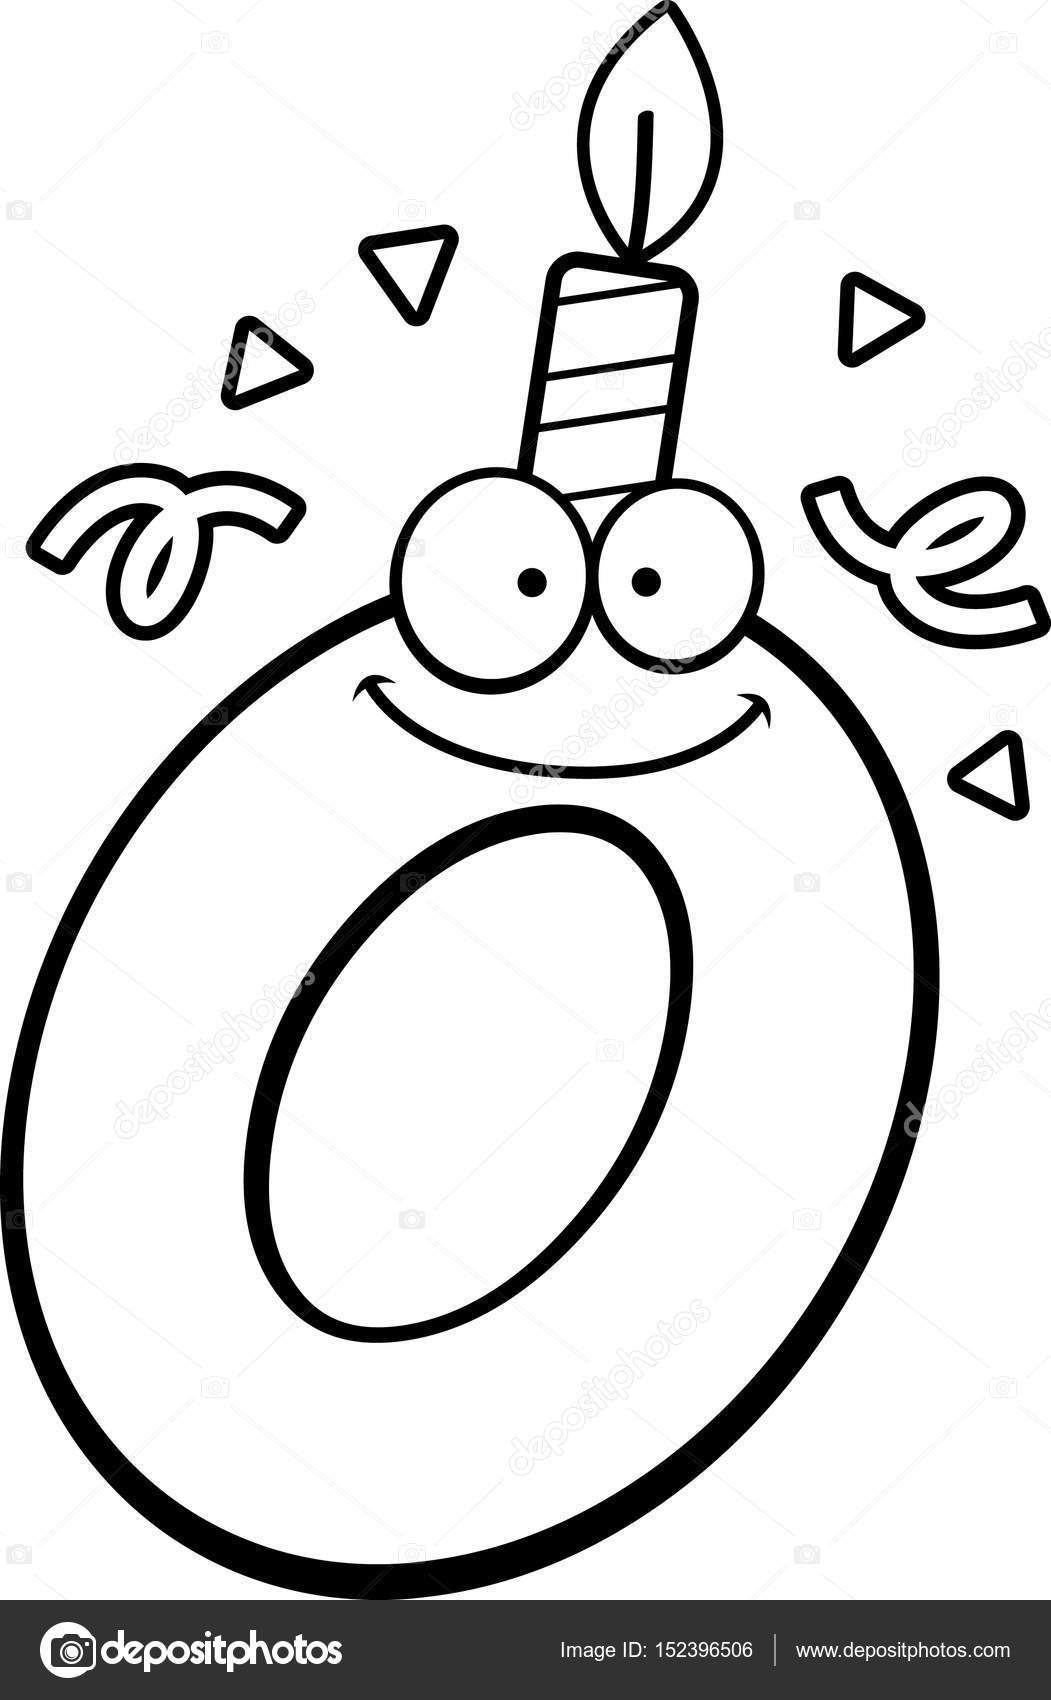 Letras En Forma De Globo Para Colorear Dibujos Animados